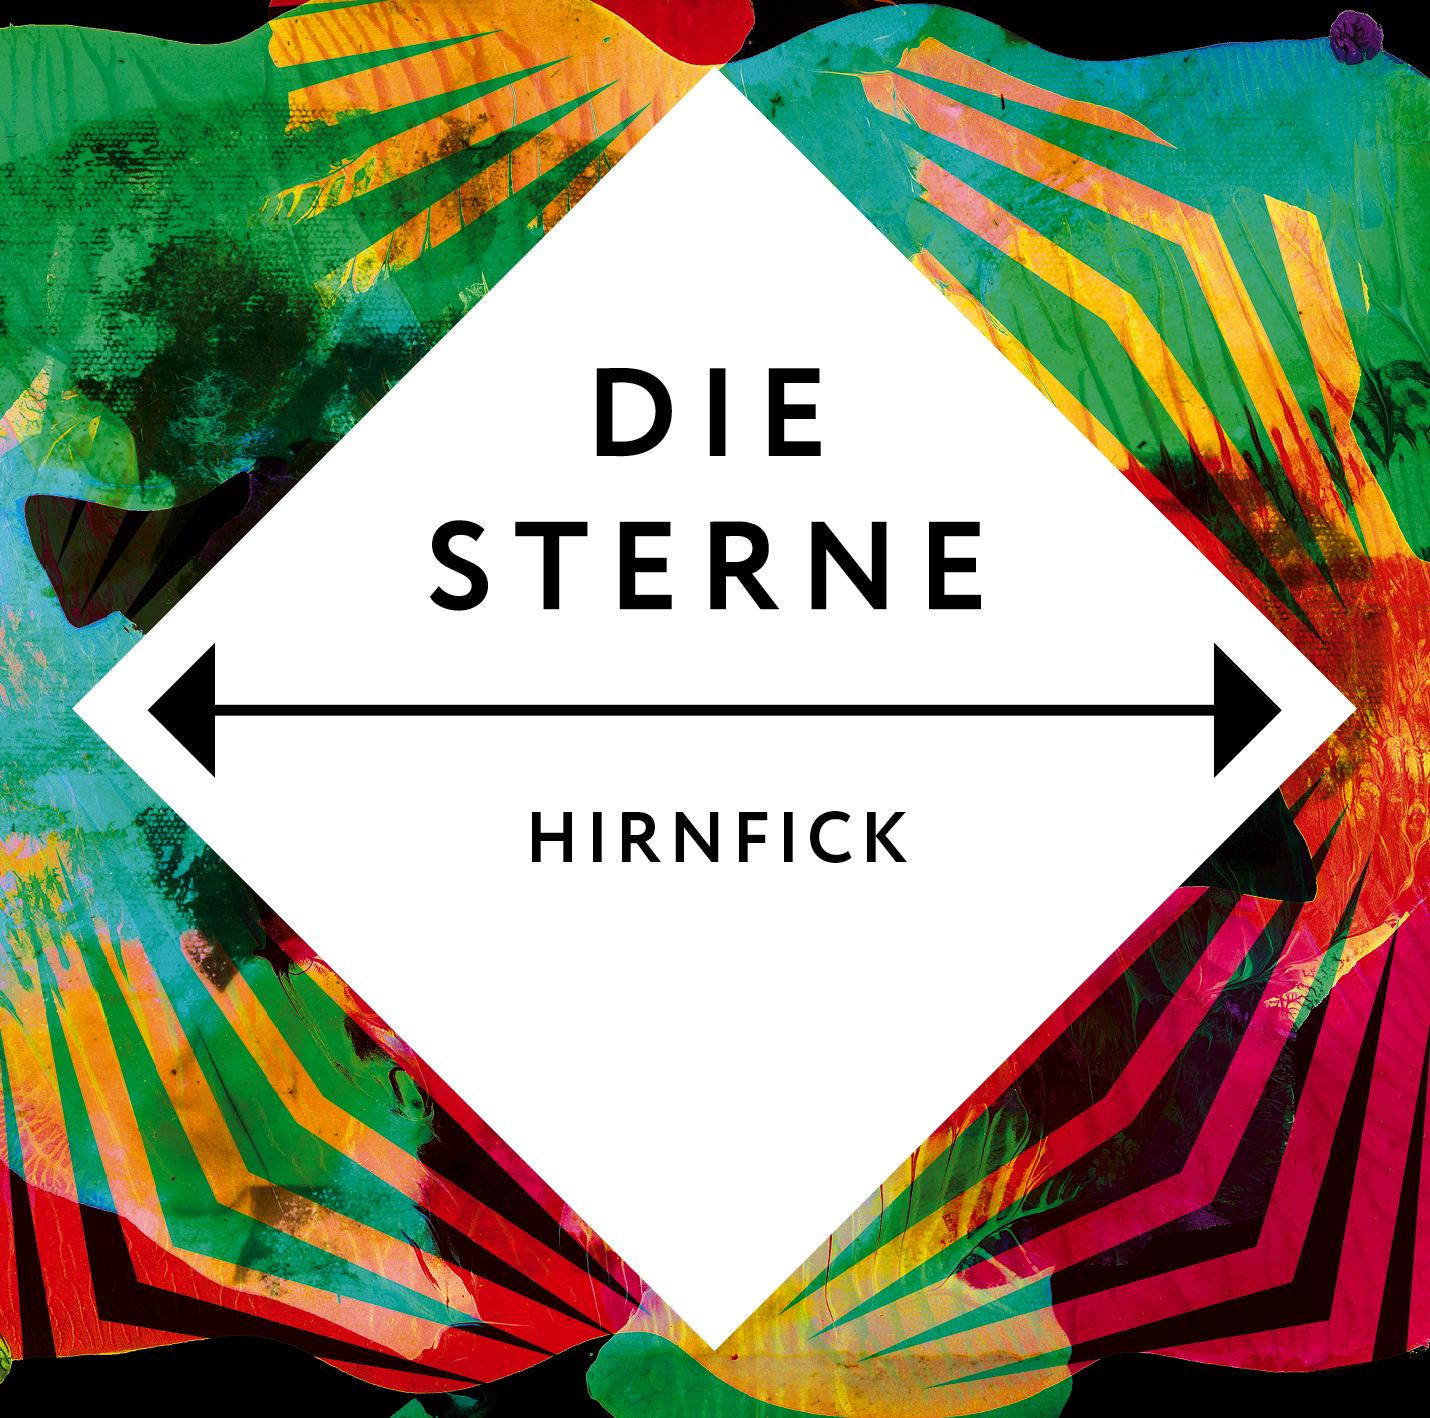 Hirnfick | DIE STERNE